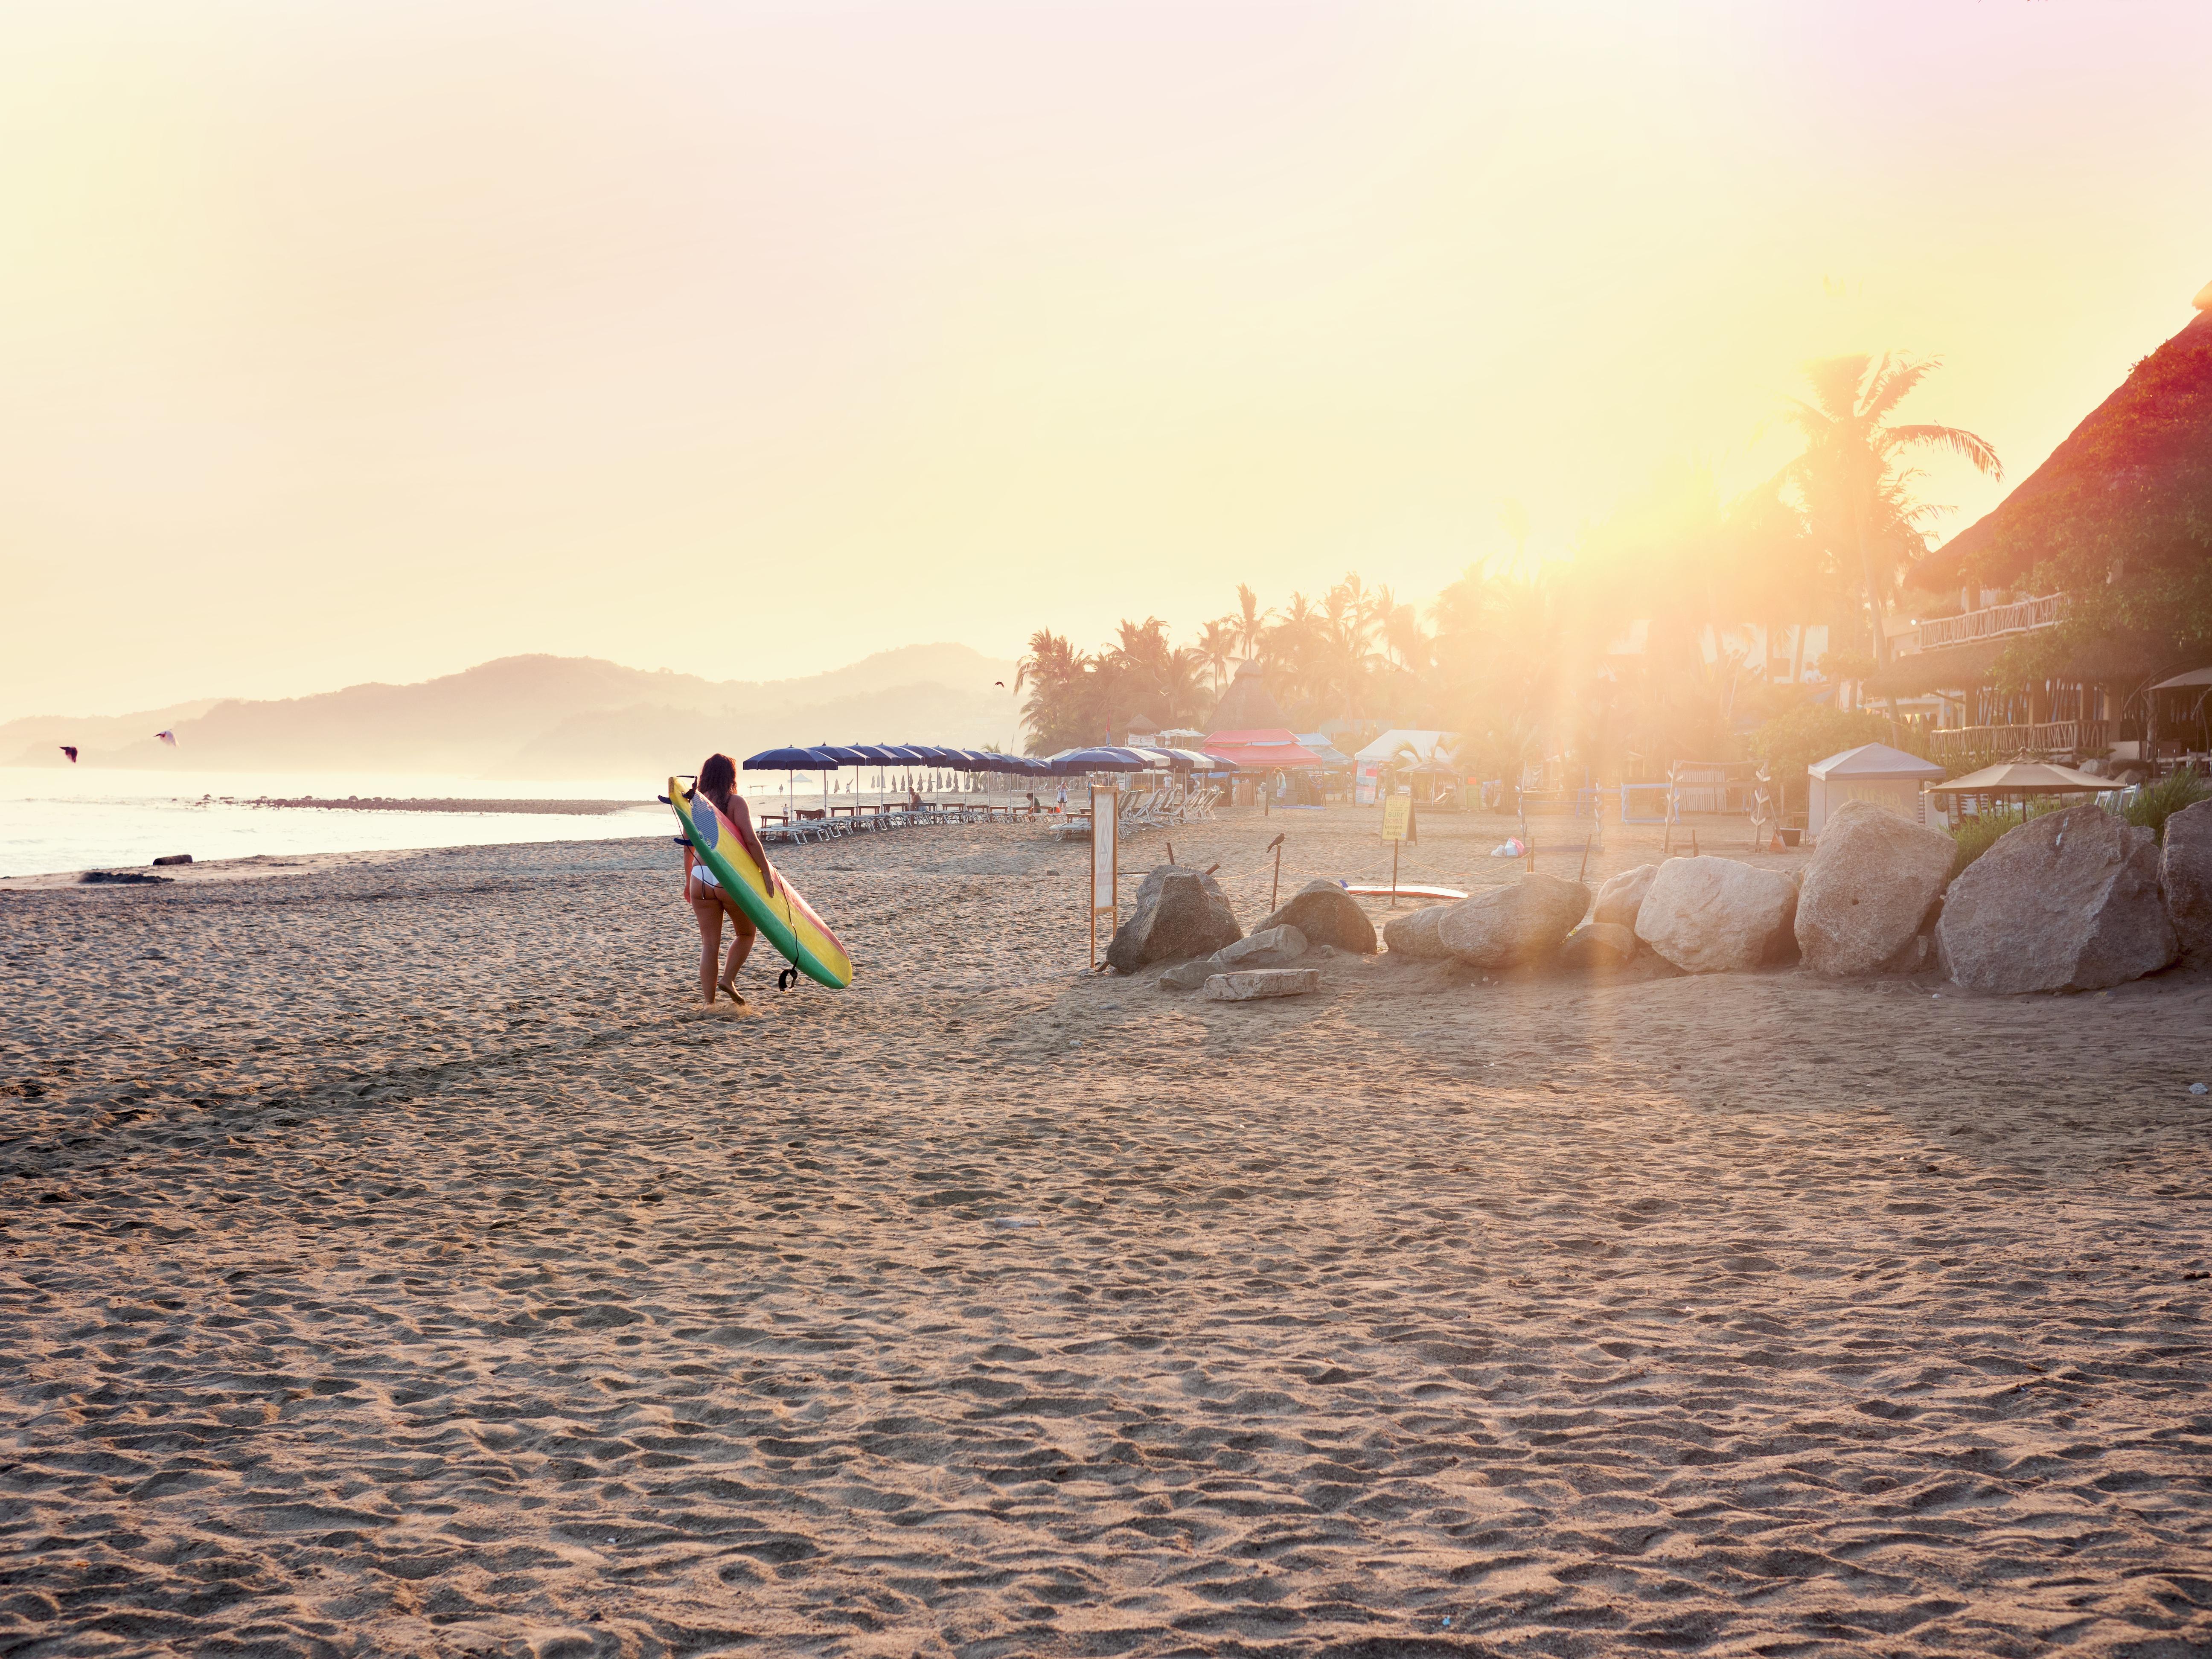 A menos de una hora al norte de los mega resorts de Puerto Vallarta se encuentra la tranquila y bohemia ciudad de Sayulita. Caminar por la exuberante jungla que rodea la ciudad, surfear los legendarios saltos del Pacífico y practica yoga con vista al mar son algunas de las actividades más populares